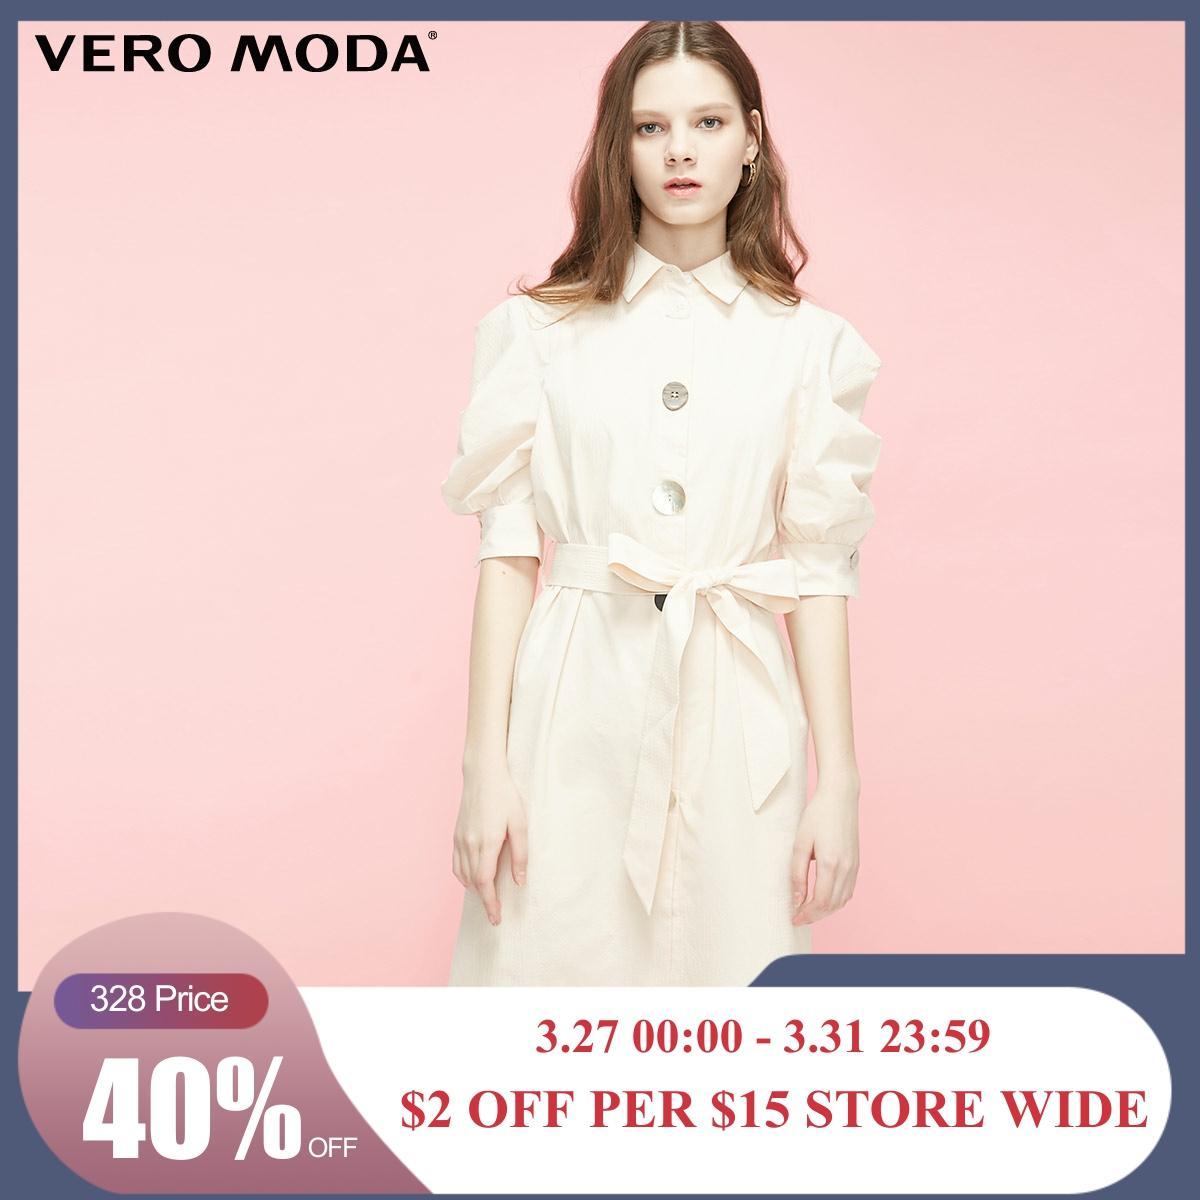 Vero Moda Women's OL Style Puff Sleeves Irregular Buttoned Shirt Collar Dress | 31926Z549